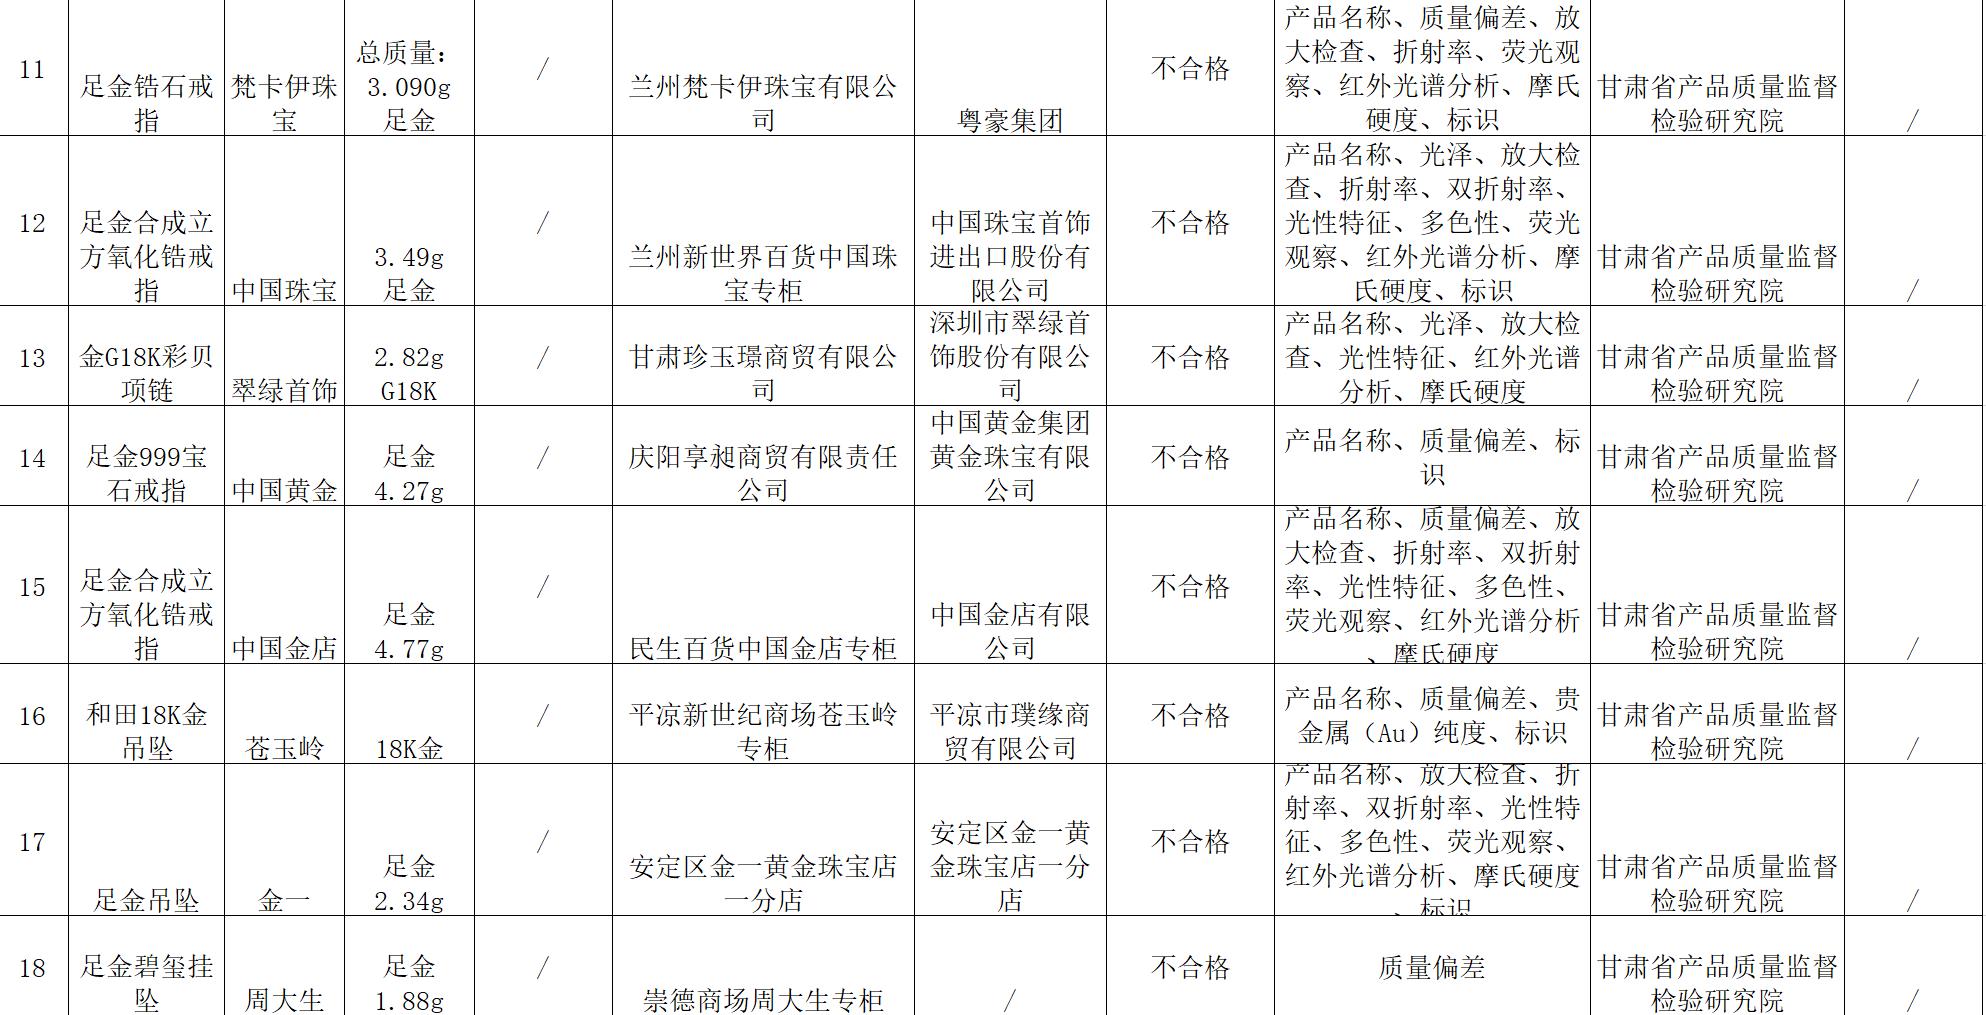 http://www.jindafengzhubao.com/zonghexinxi/50508.html